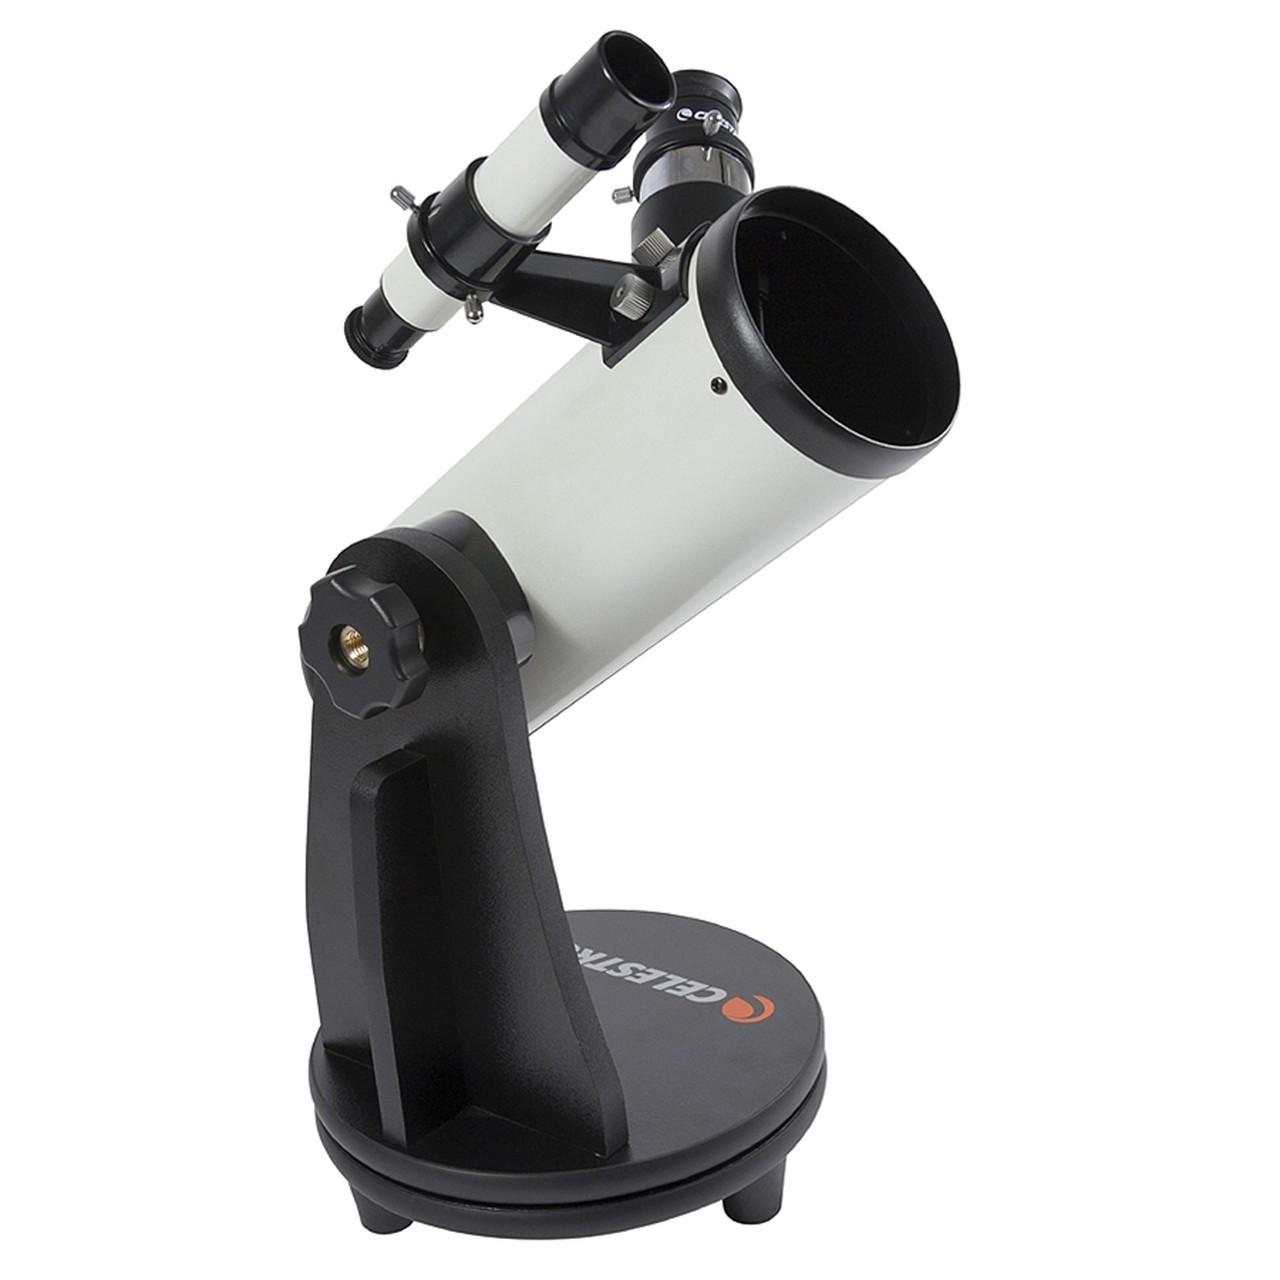 De Firstscope telescoop is een ideale instap-telescoop om sterrenkunde te onderwijzen in de klas.